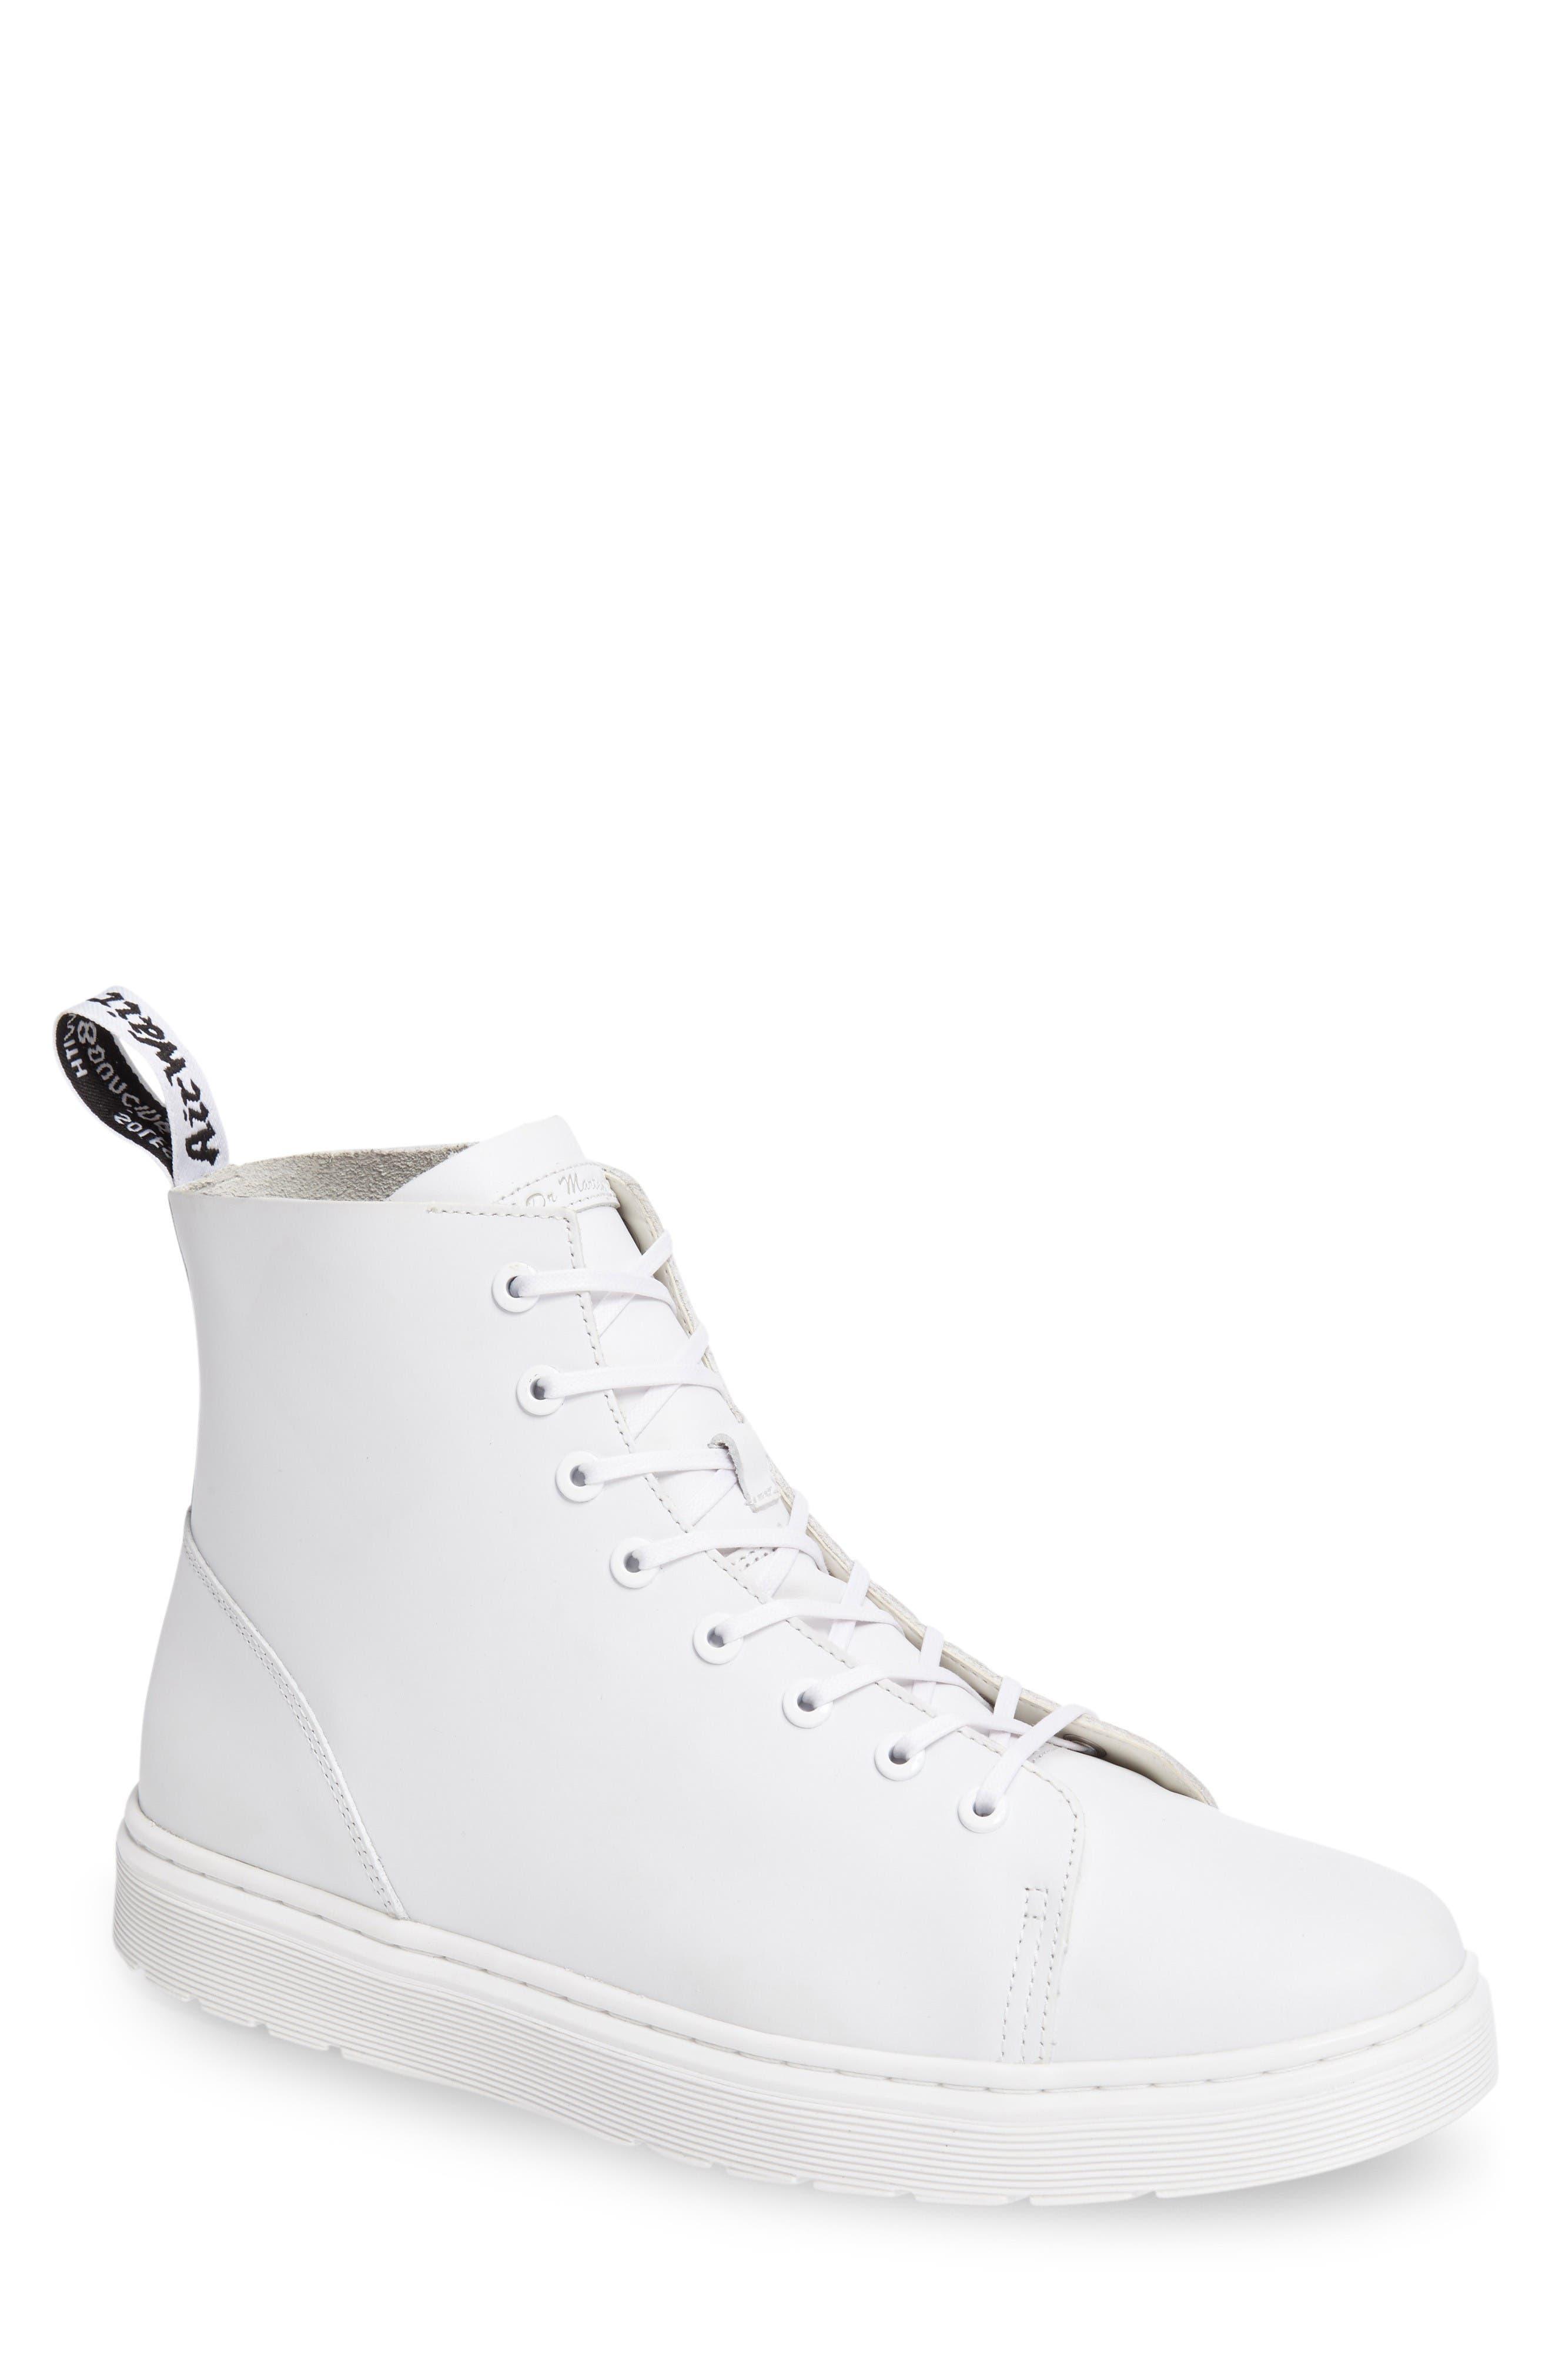 Talib Plain Toe Boot,                         Main,                         color, White Leather